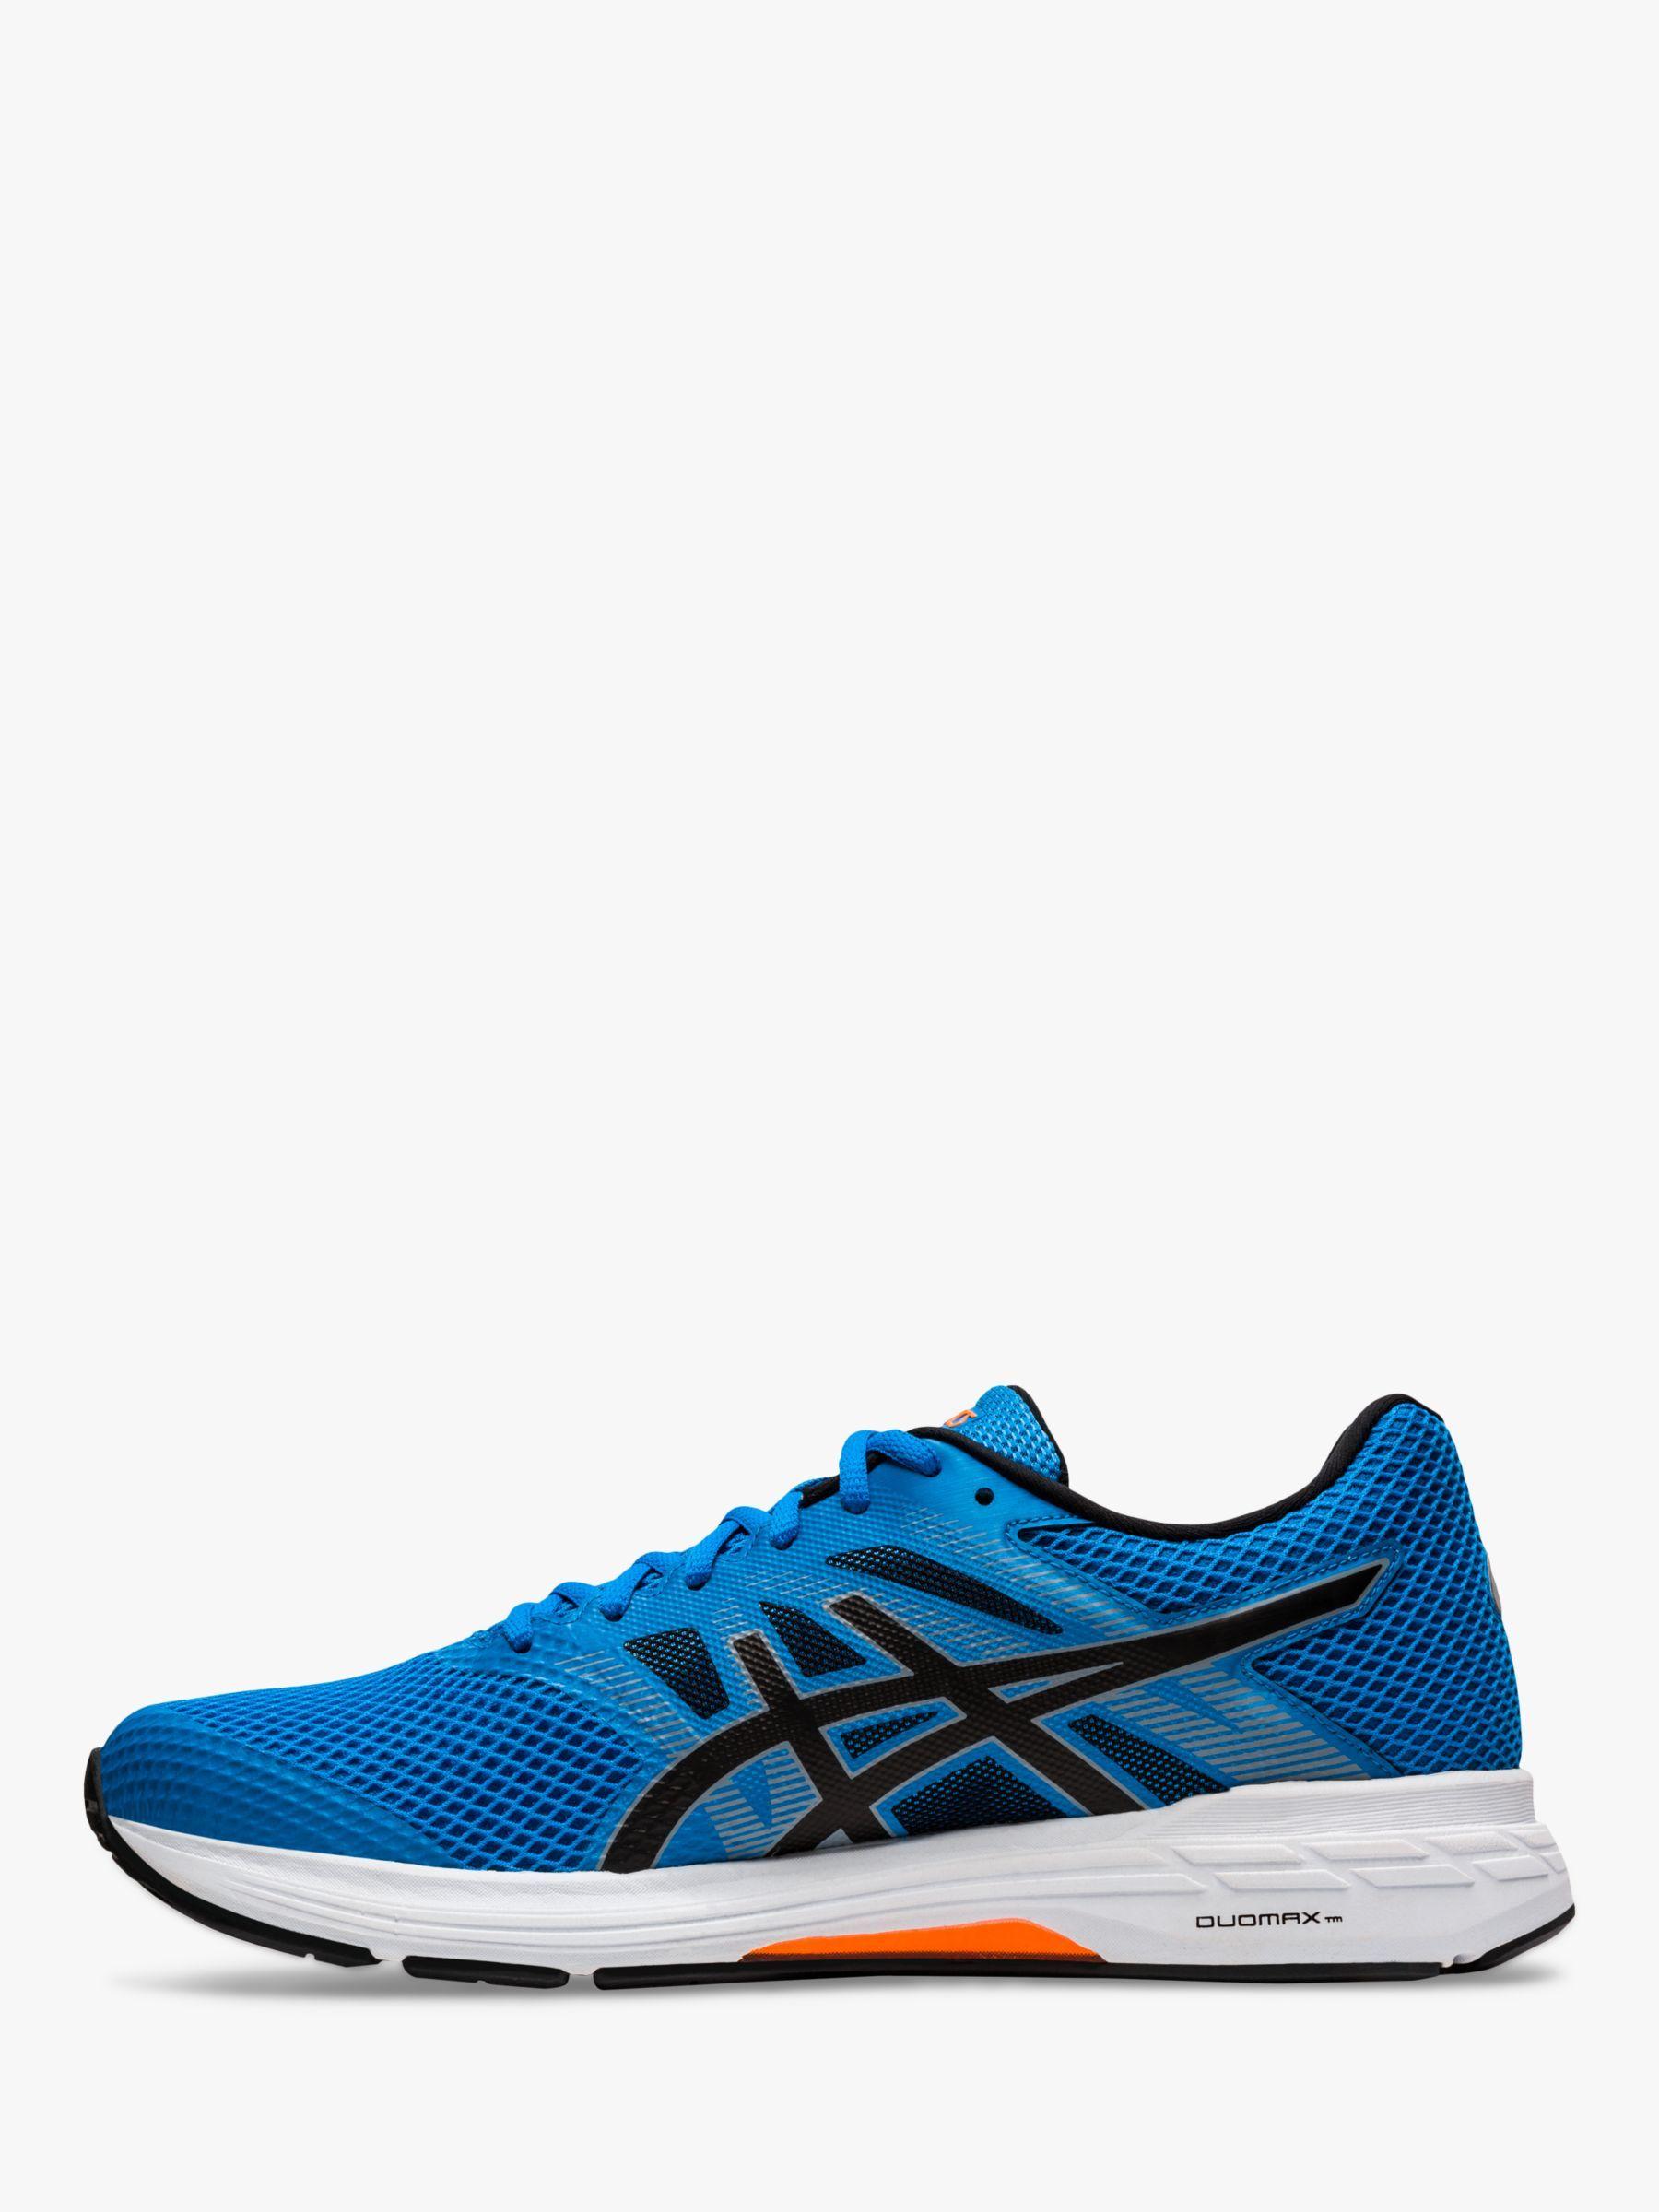 ASICS GEL EXALT 5 Men's Running Shoes | Running shoes for